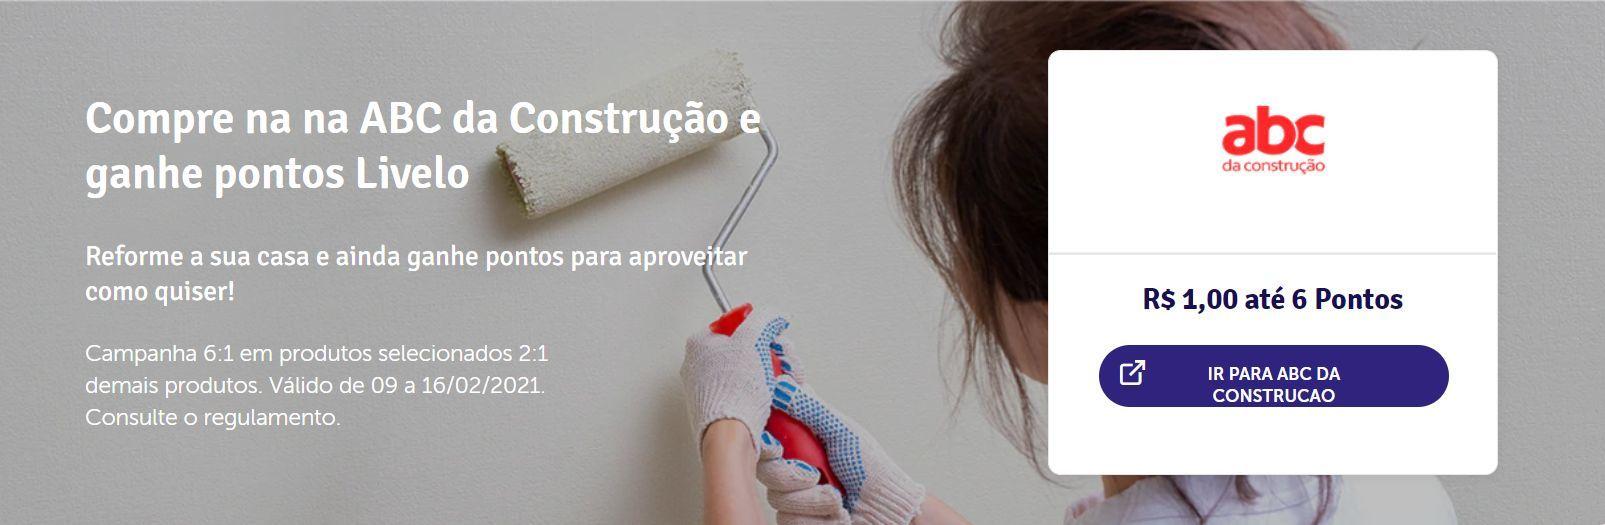 Livelo ABC Construção